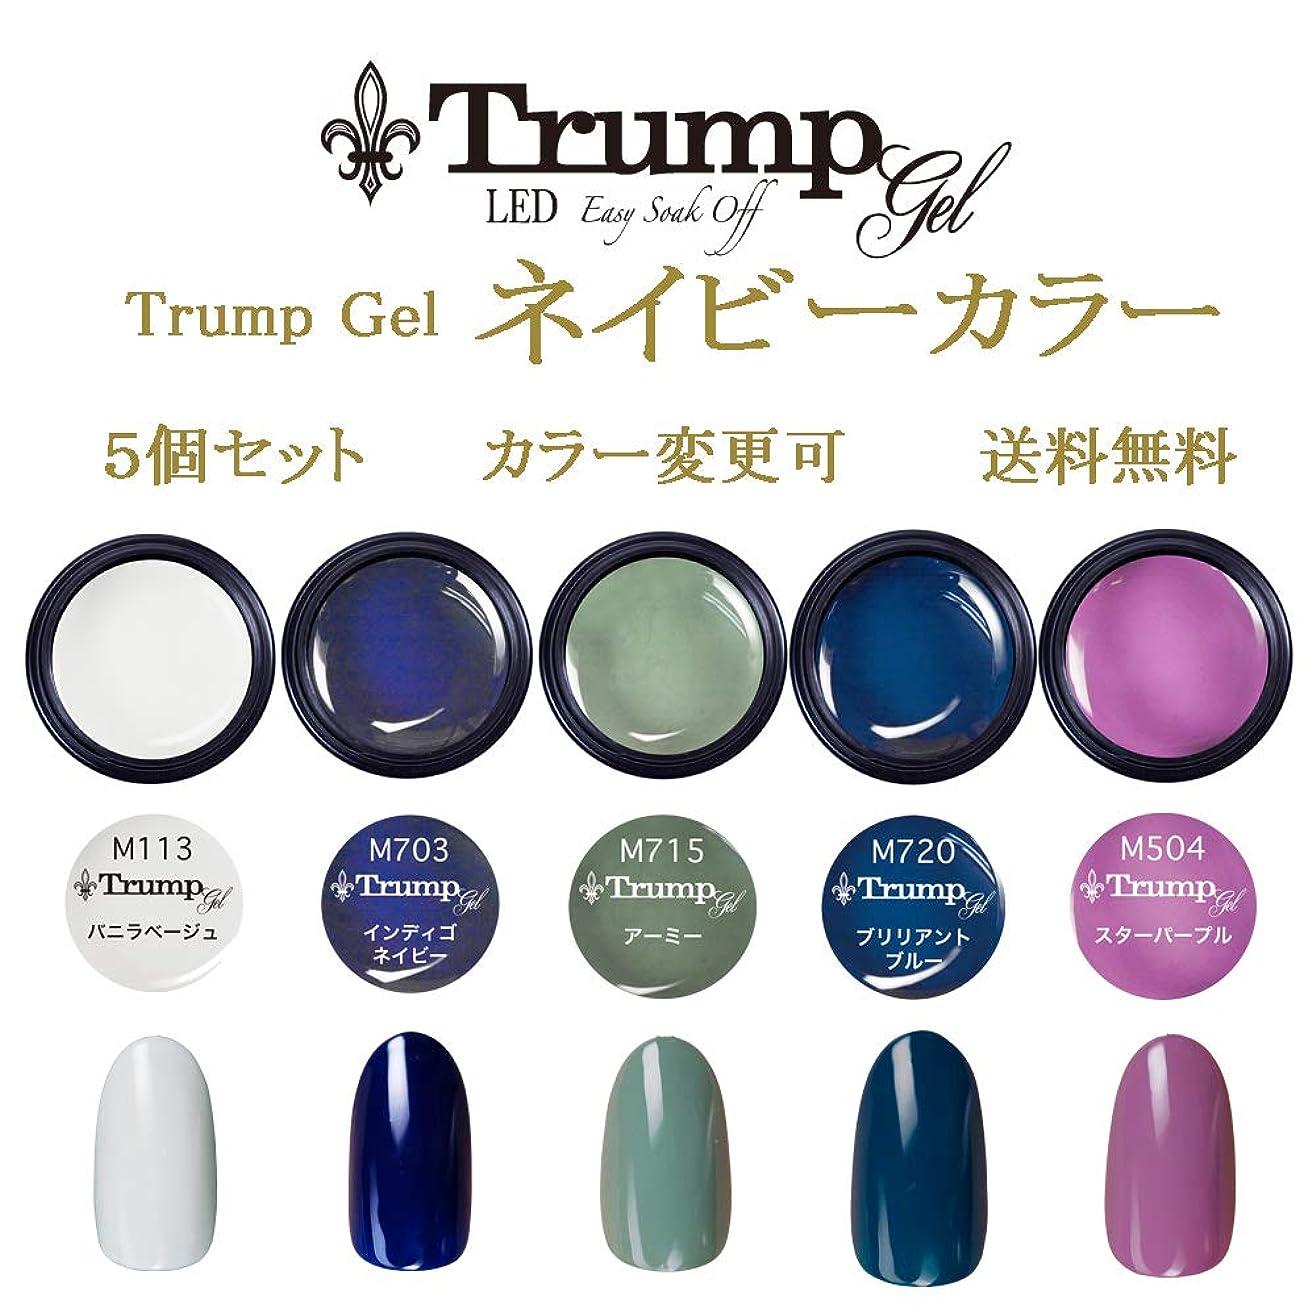 知覚できるビーチ機械的日本製 Trump gel トランプジェル ネイビーカラー 選べる カラージェル 5個セット ホワイト ブルー ネイビー パープル カーキ グリーン